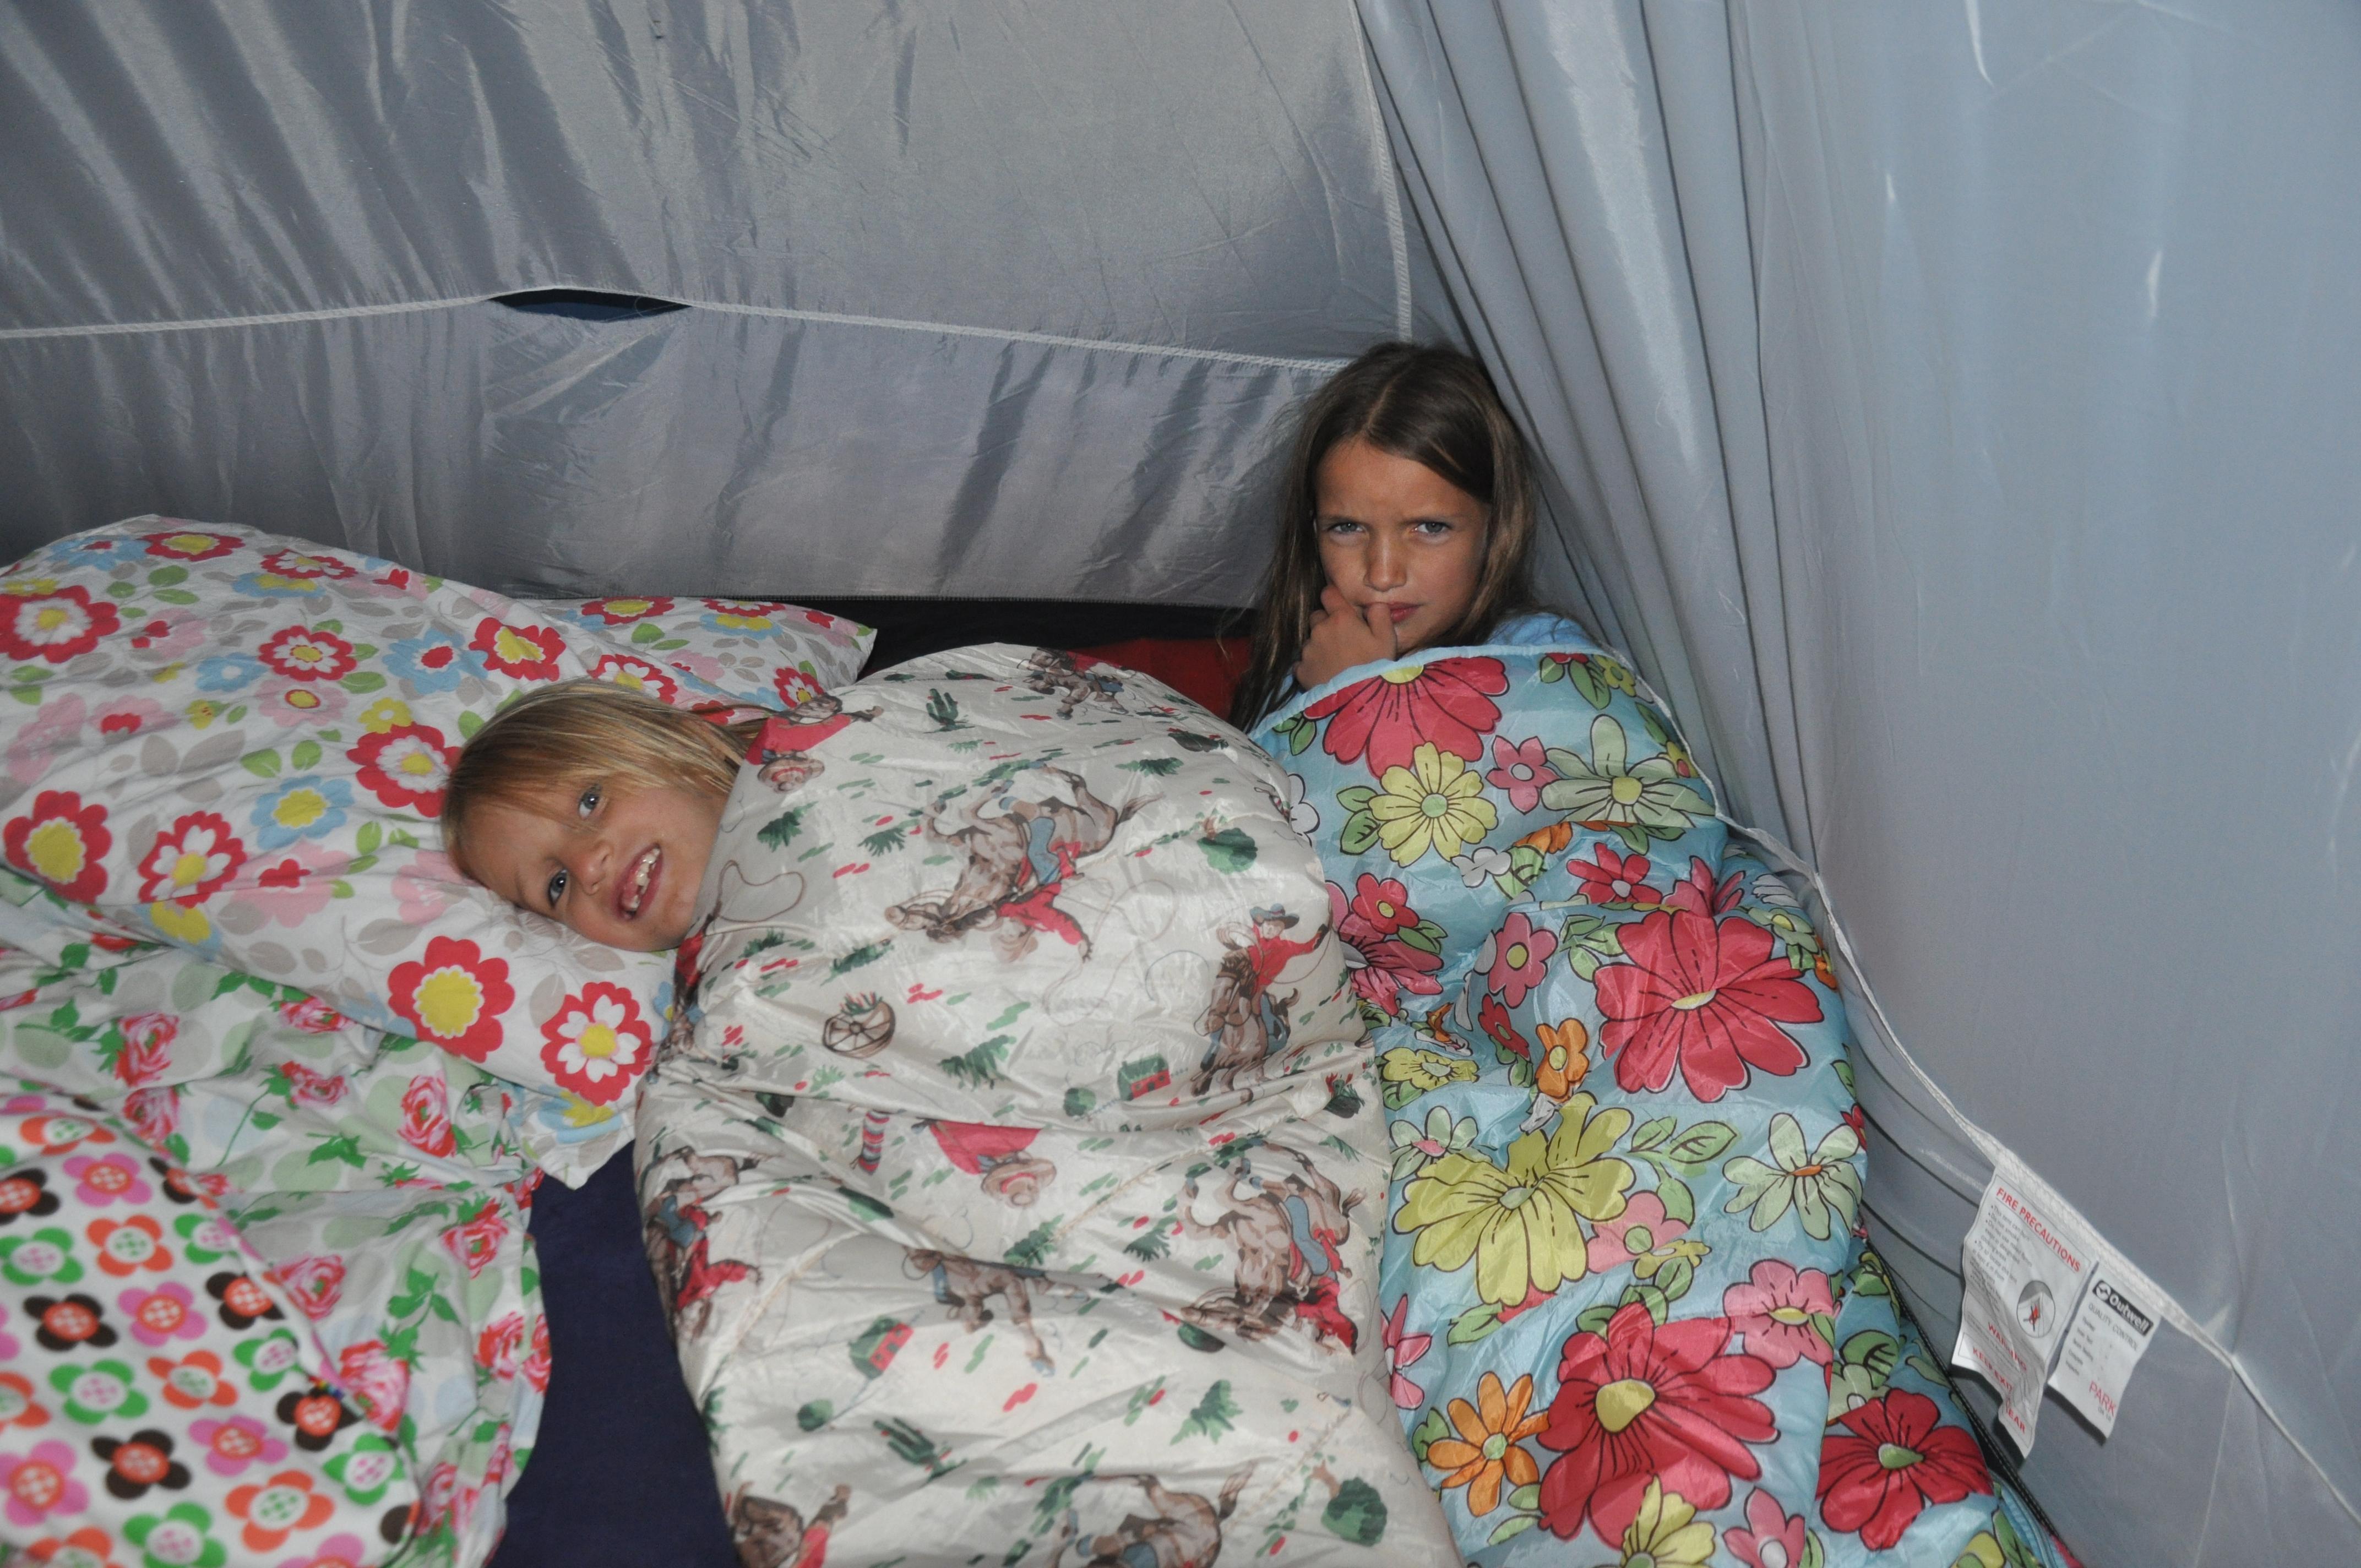 Bedtime-in-Cath-Kidston-sleeping-bags